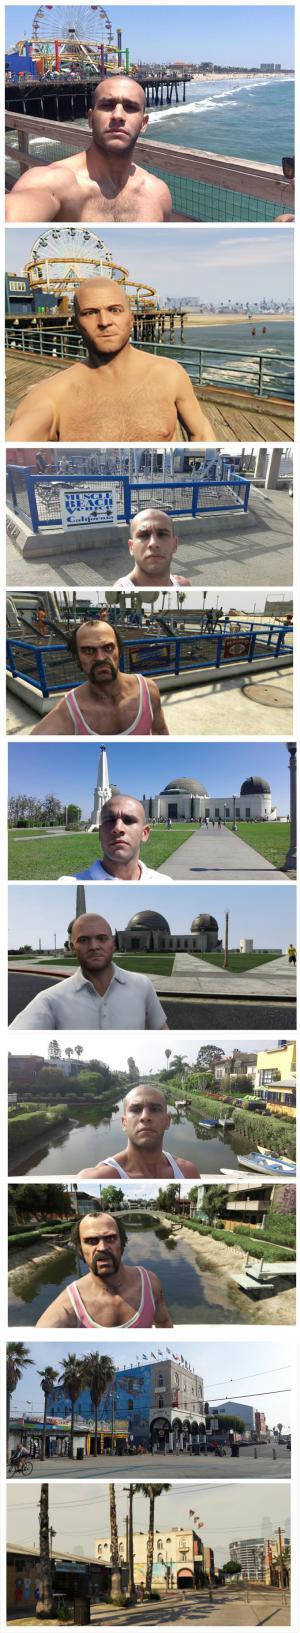 GTA selfies